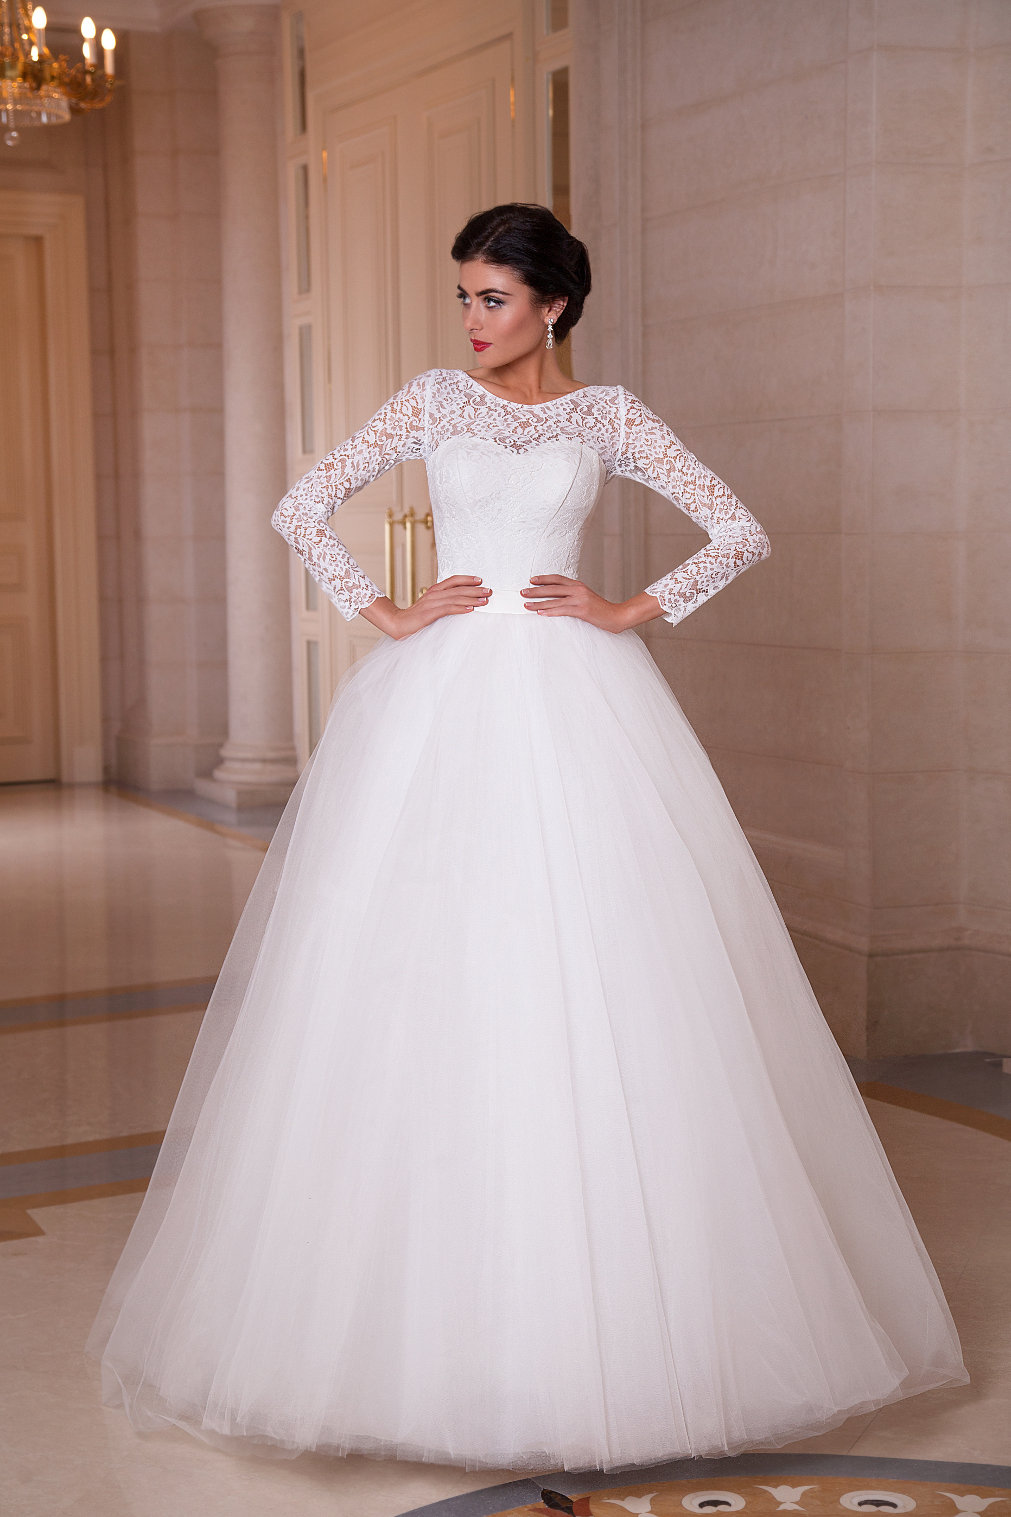 пышное платье свадебное с пышными рукавами фото